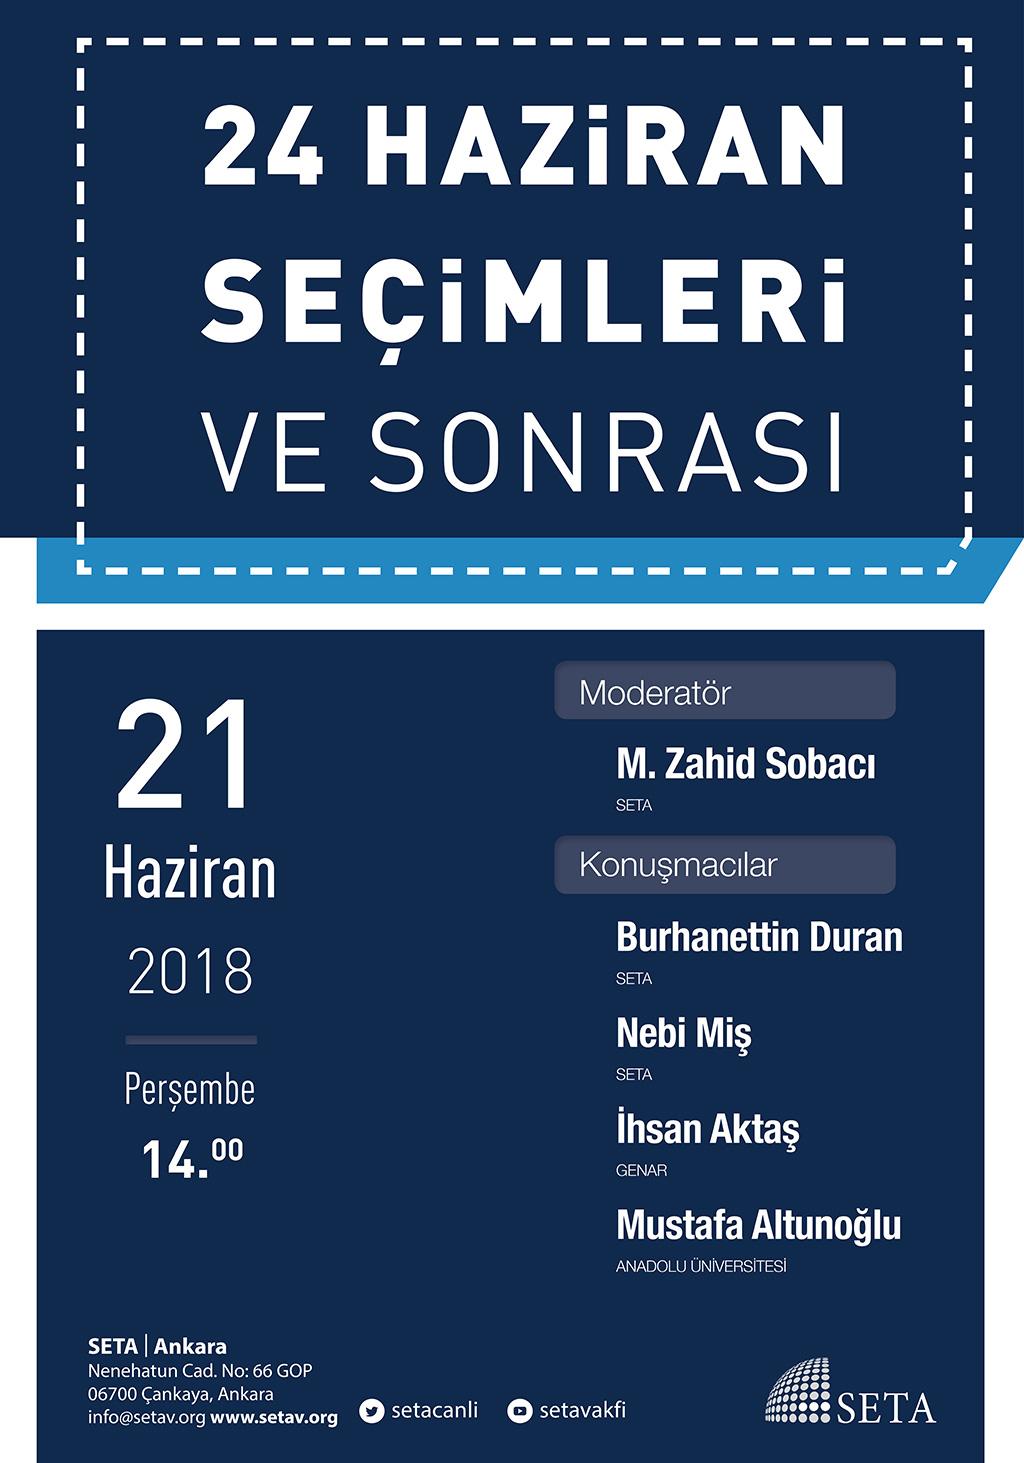 Panel: 24 Haziran Seçimleri ve Sonrası